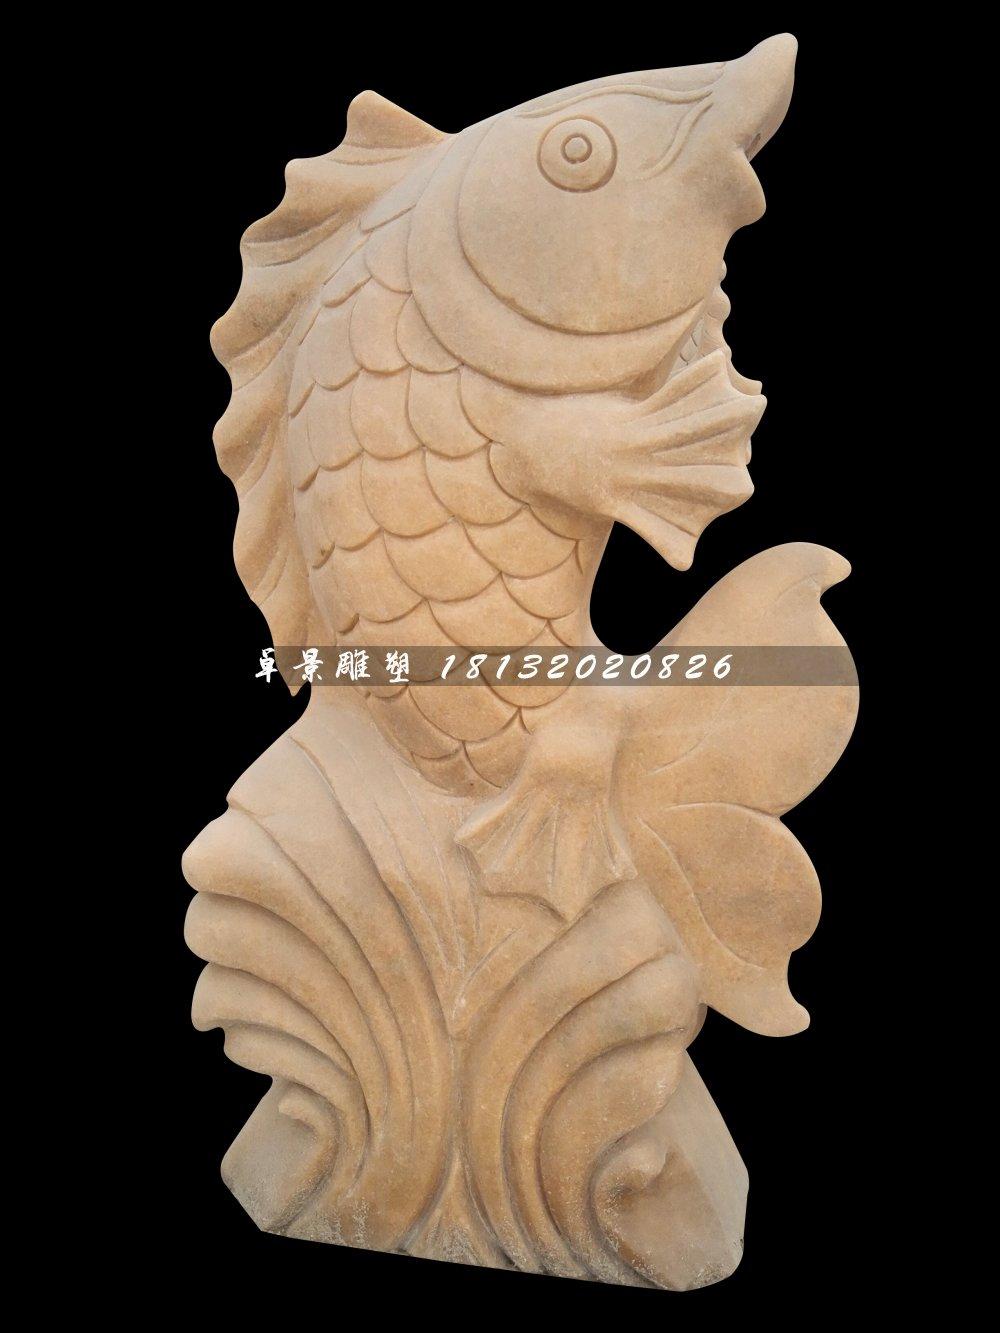 晚霞红石雕鱼,公园喷泉鱼石雕